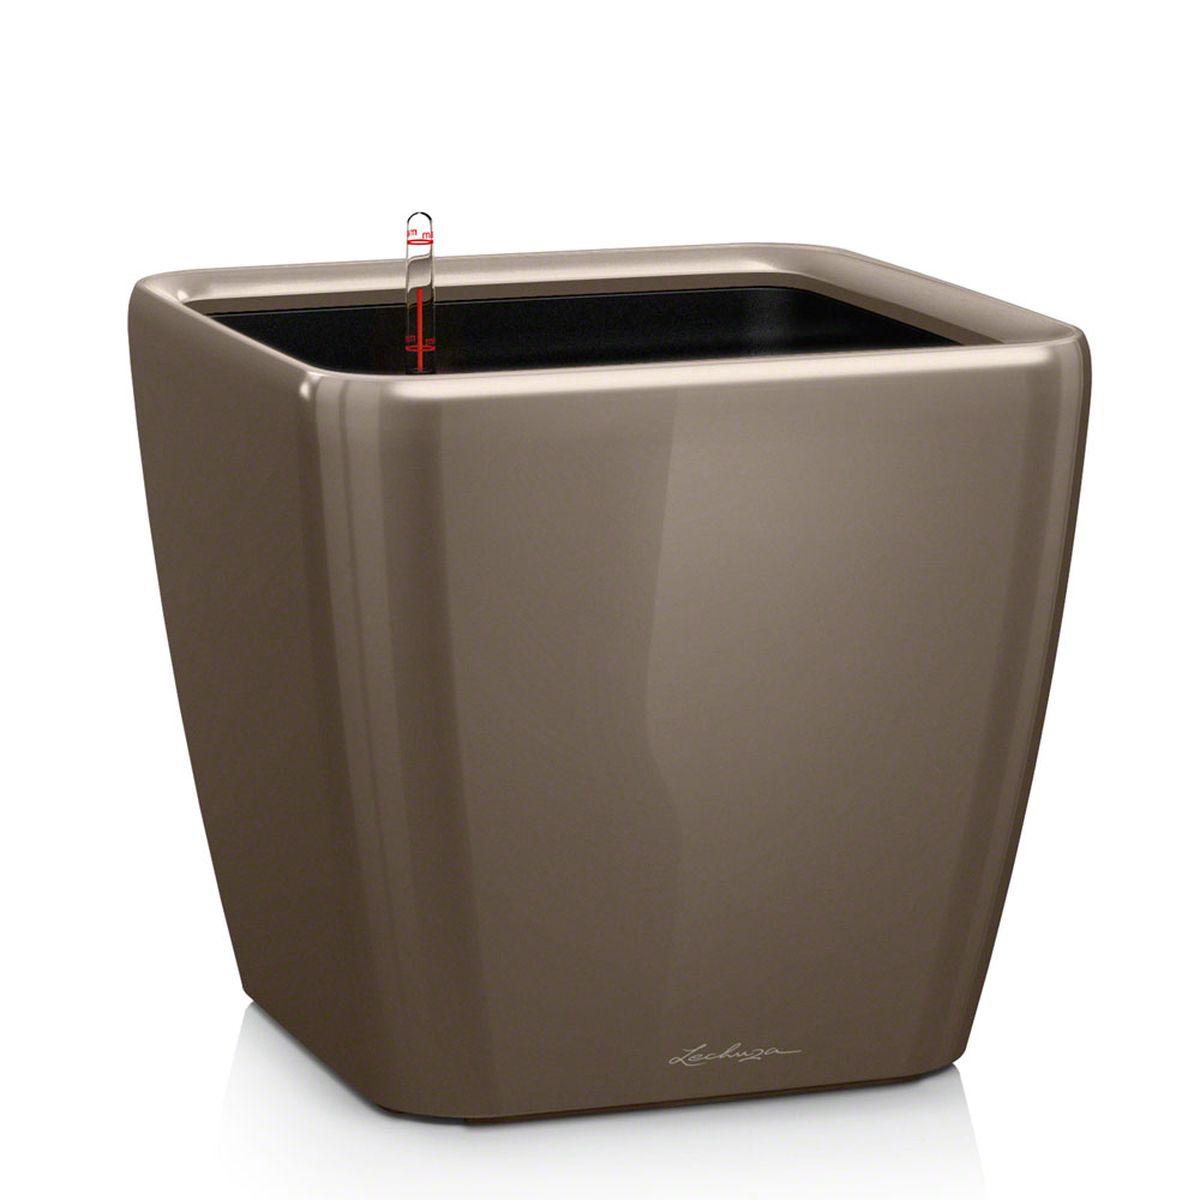 Кашпо Lechuza Quadro, с системой автополива, цвет: серо-коричневый, 33 х 33 х 35 см16165Кашпо Lechuza Quadro, выполненное из высококачественного пластика, имеет уникальную систему автополива, благодаря которой корневая система растения непрерывно снабжается влагой из резервуара. Уровень воды в резервуаре контролируется с помощью специального индикатора. В зависимости от размера кашпо и растения воды хватает на 2-12 недель. Это способствует хорошему росту цветов и предотвращает переувлажнение.В набор входит: кашпо, внутренний горшок, индикатор уровня воды, вал подачи воды, субстрат растений в качестве дренажного слоя, резервуар для воды.Кашпо Lechuza Quadro прекрасно впишется в любой интерьер. Оно поможет расставить нужные акценты и придаст помещению вид, соответствующий вашим представлениям.